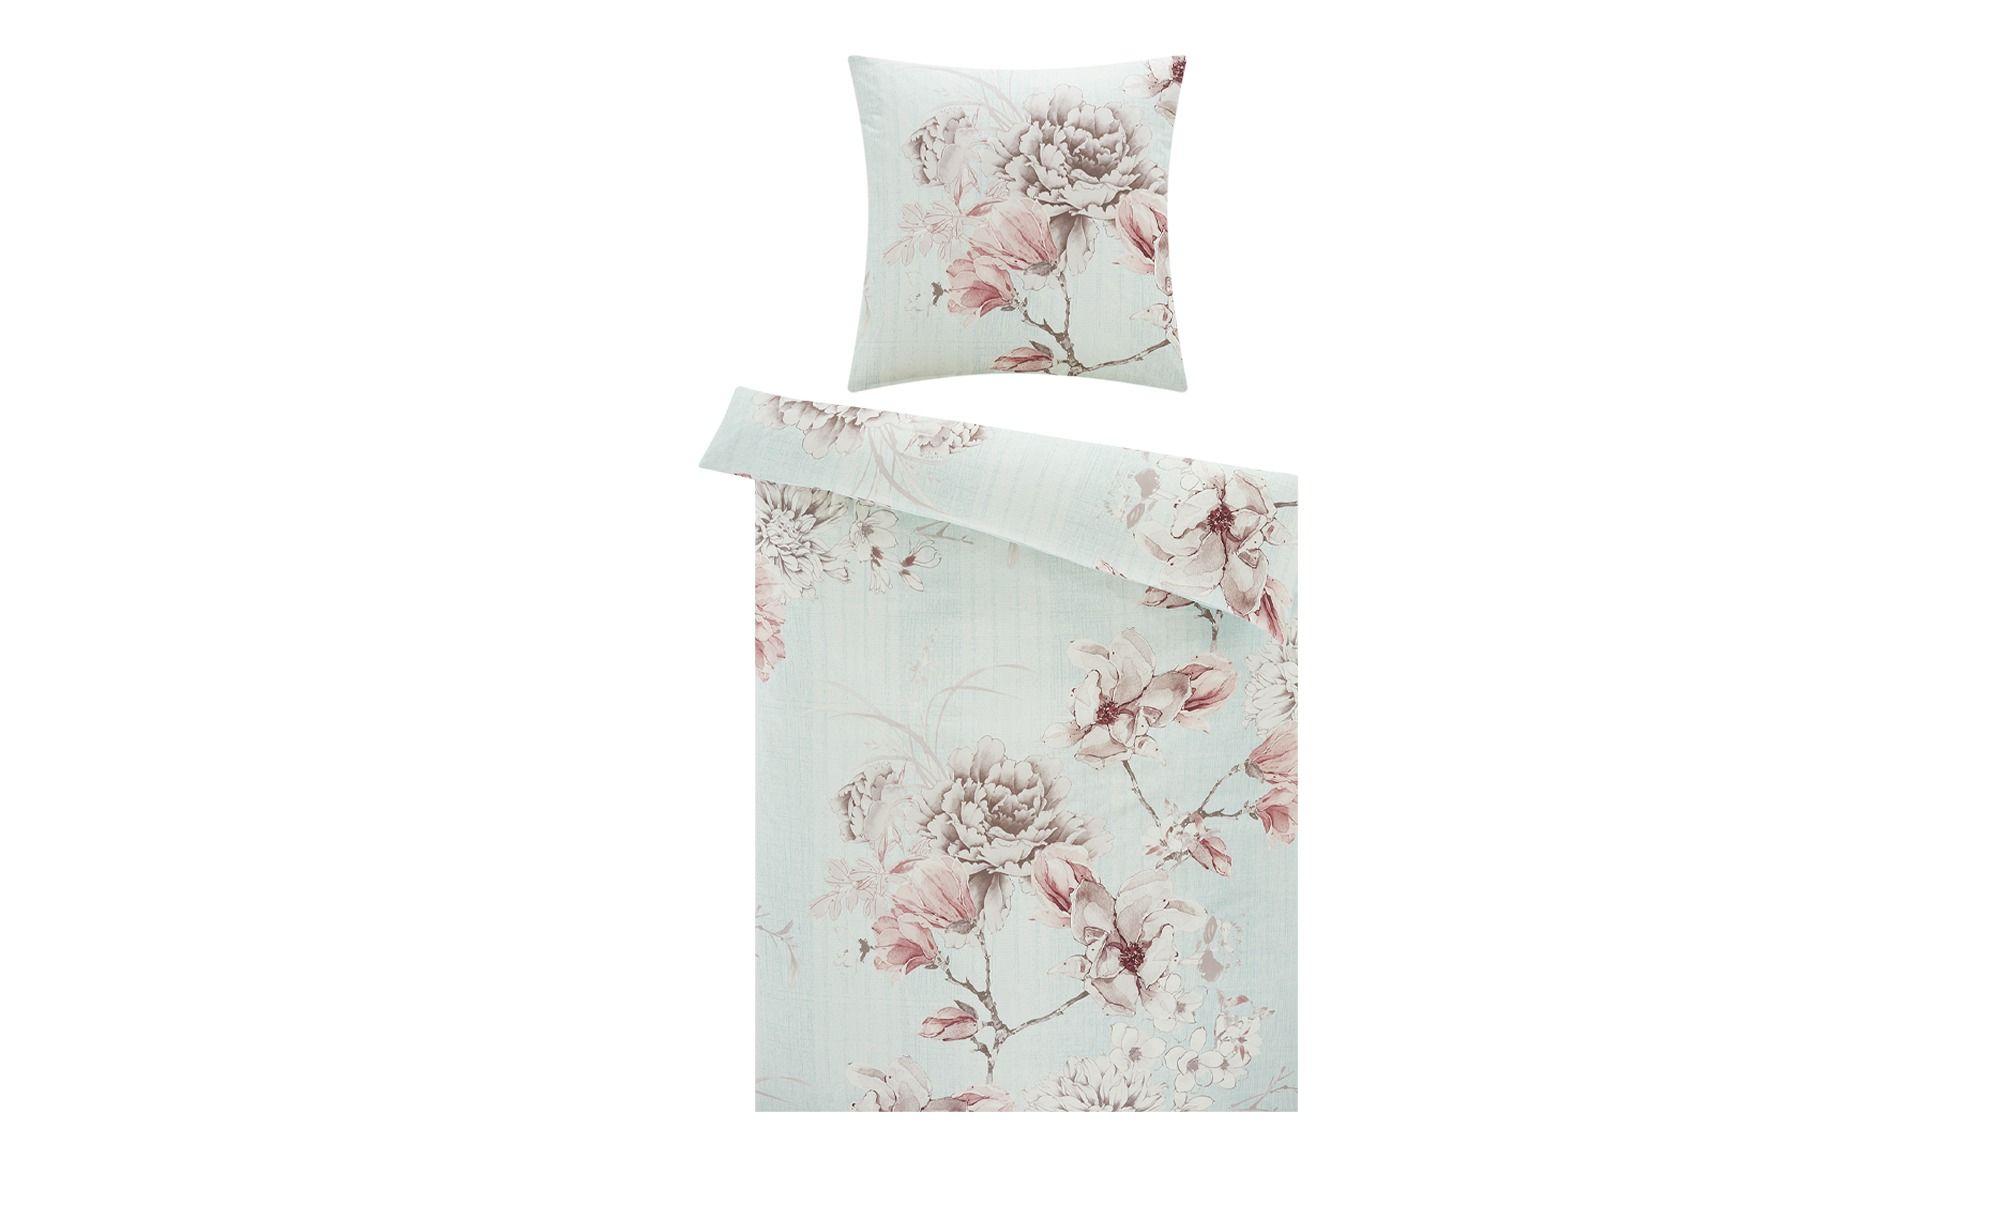 Home Story Satin Bettwasche Blumen Gefunden Bei Mobel Hoffner In 2020 Bettwasche Blumen Satin Bettwasche Und Bettwasche